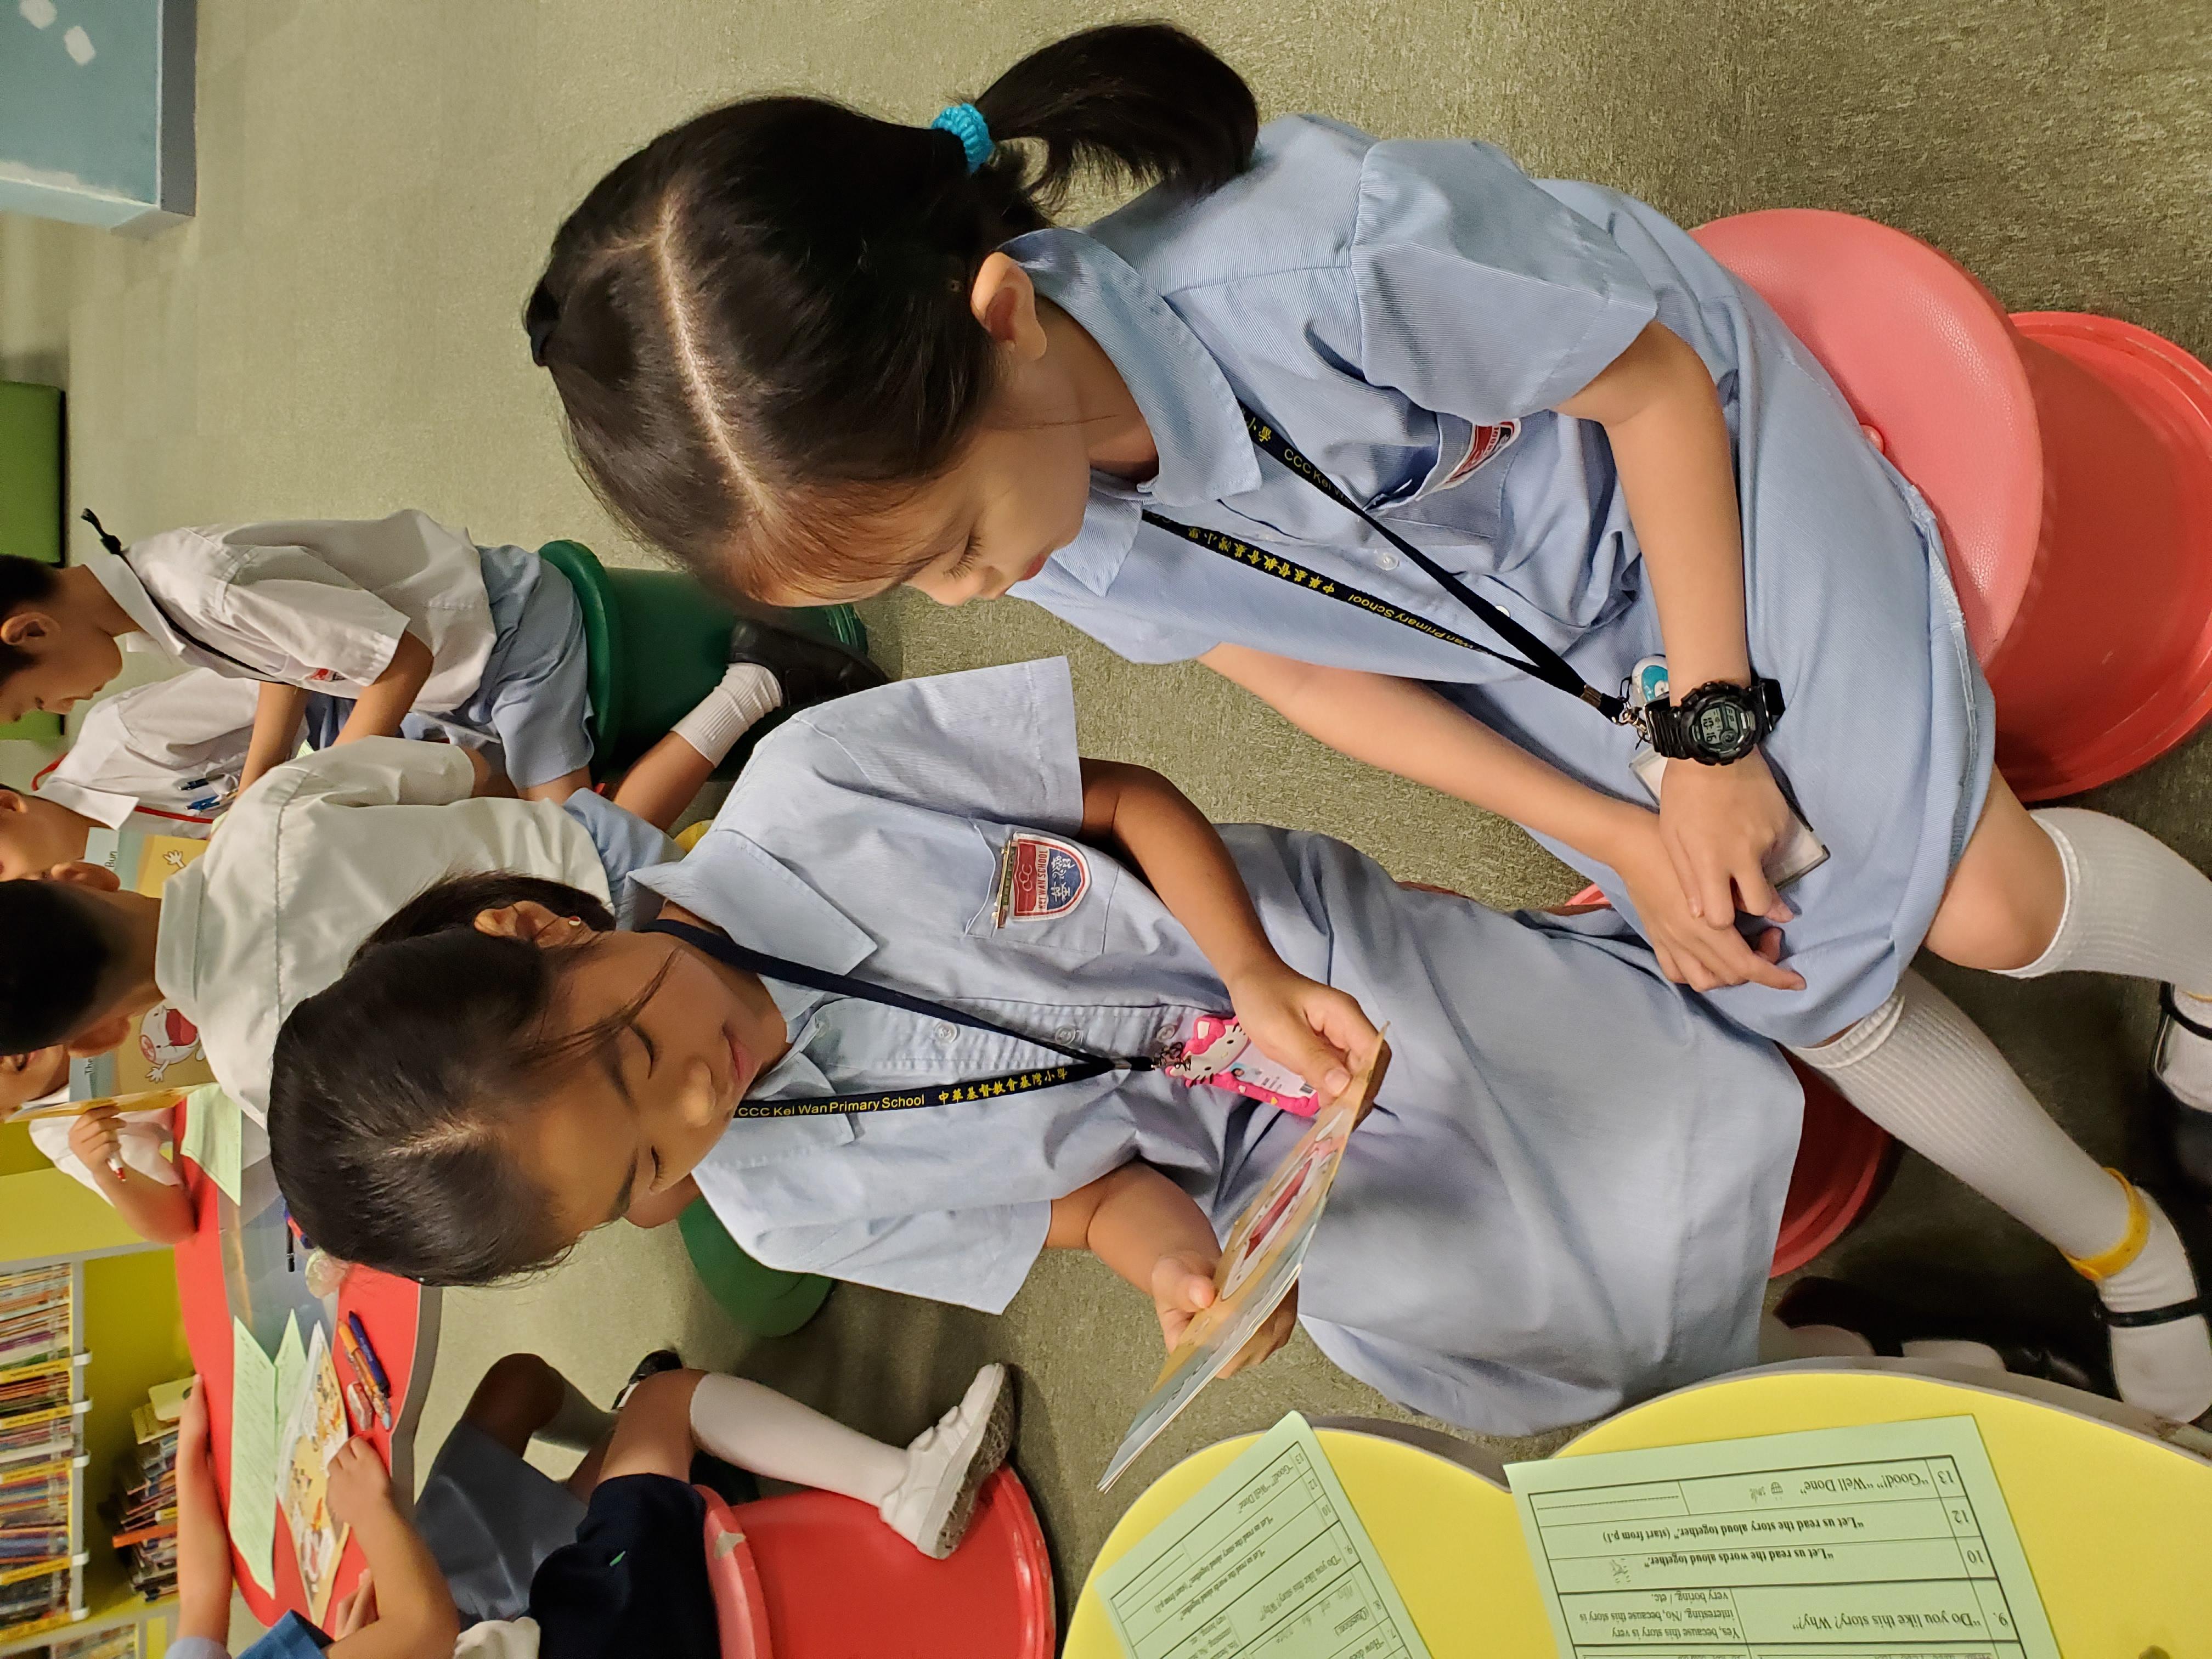 http://www.keiwan.edu.hk/sites/default/files/20191011_101238.jpg